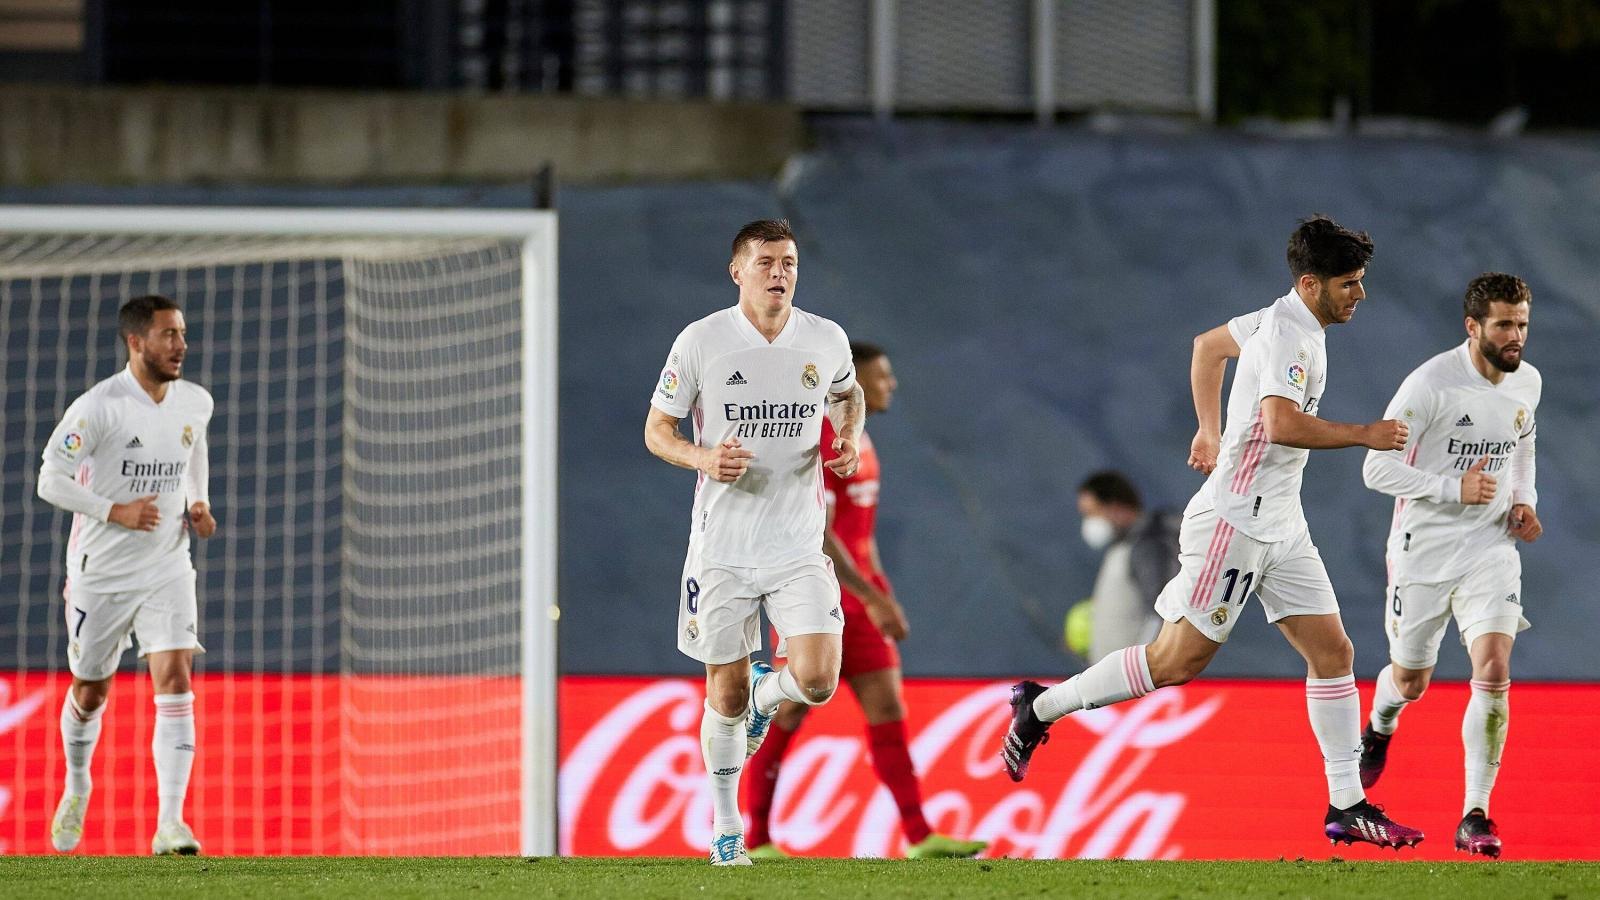 Hòa thất vọng Sevilla, Real Madrid mất quyền tự quyết trong cuộc đua vô địch La Liga